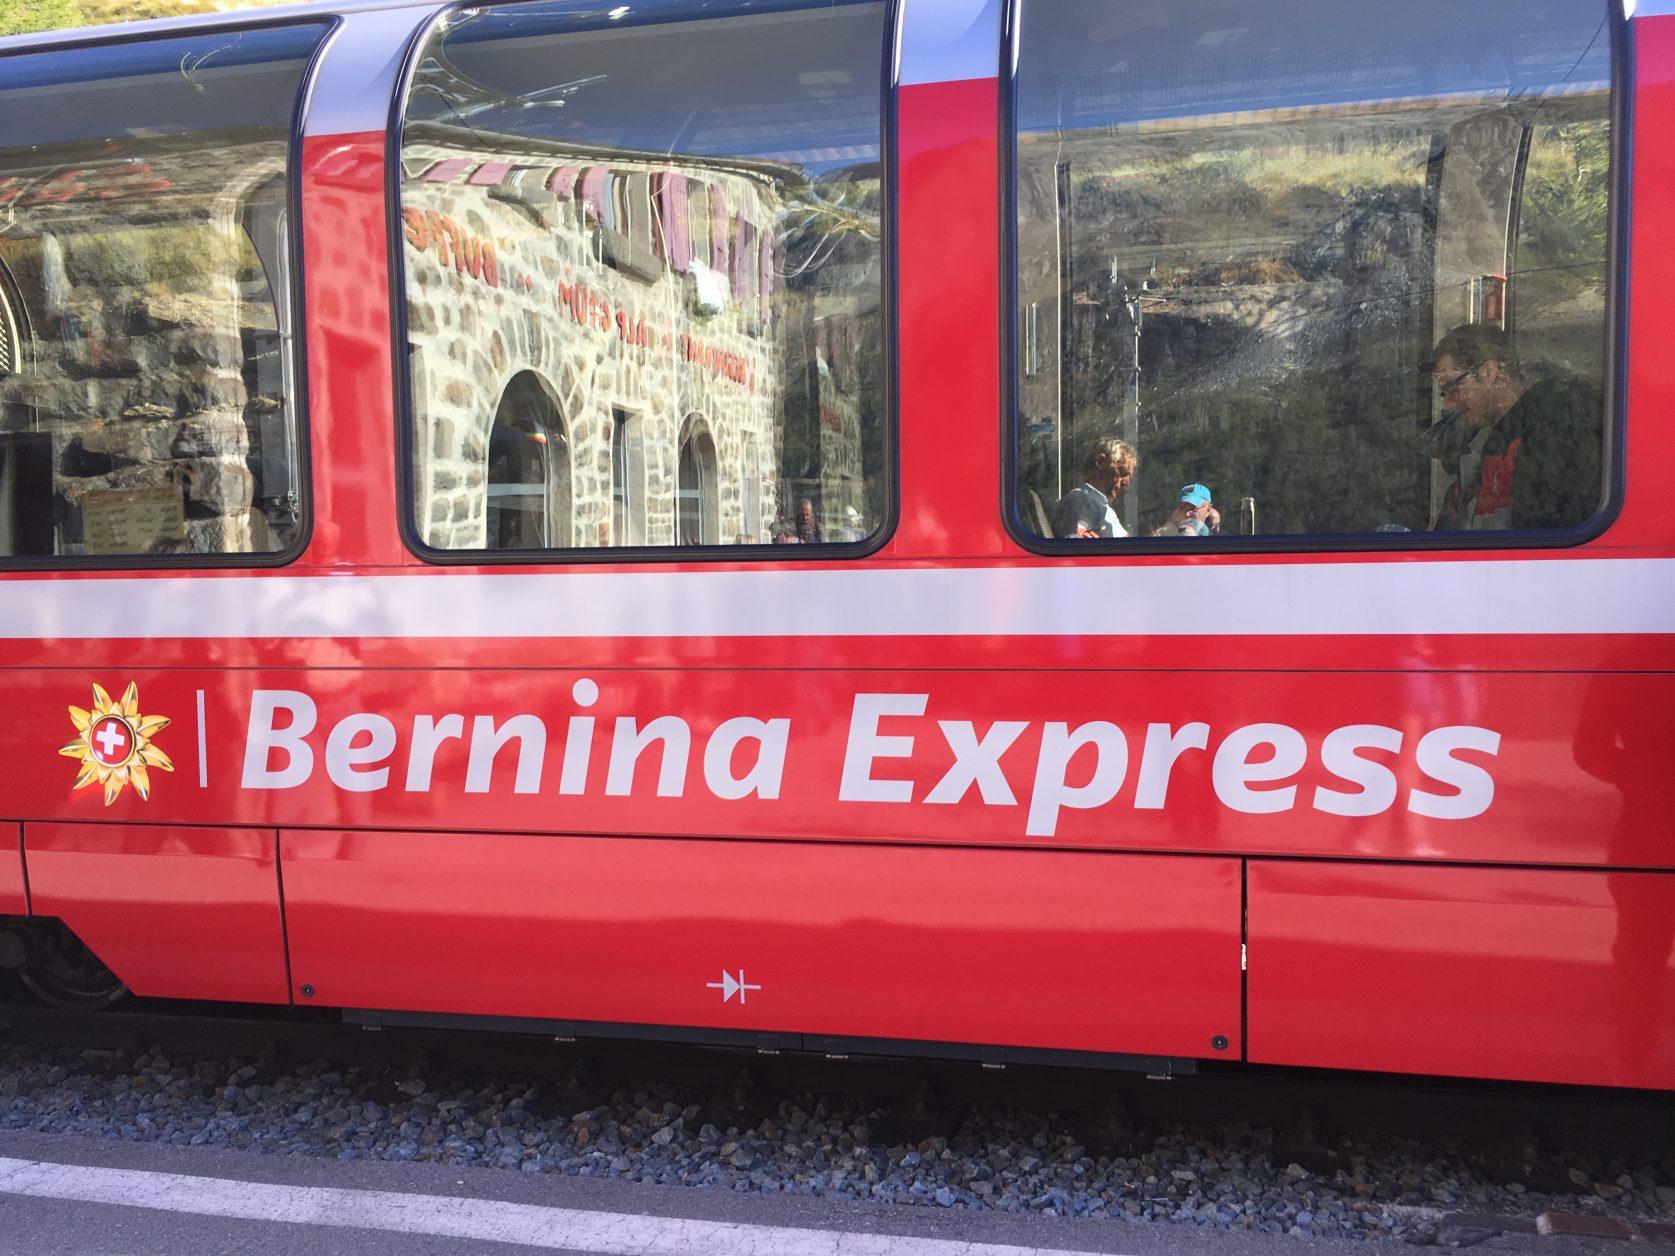 Der Bernina Express ist stets ein begehrtes Fotomotiv, Foto: Weirauch